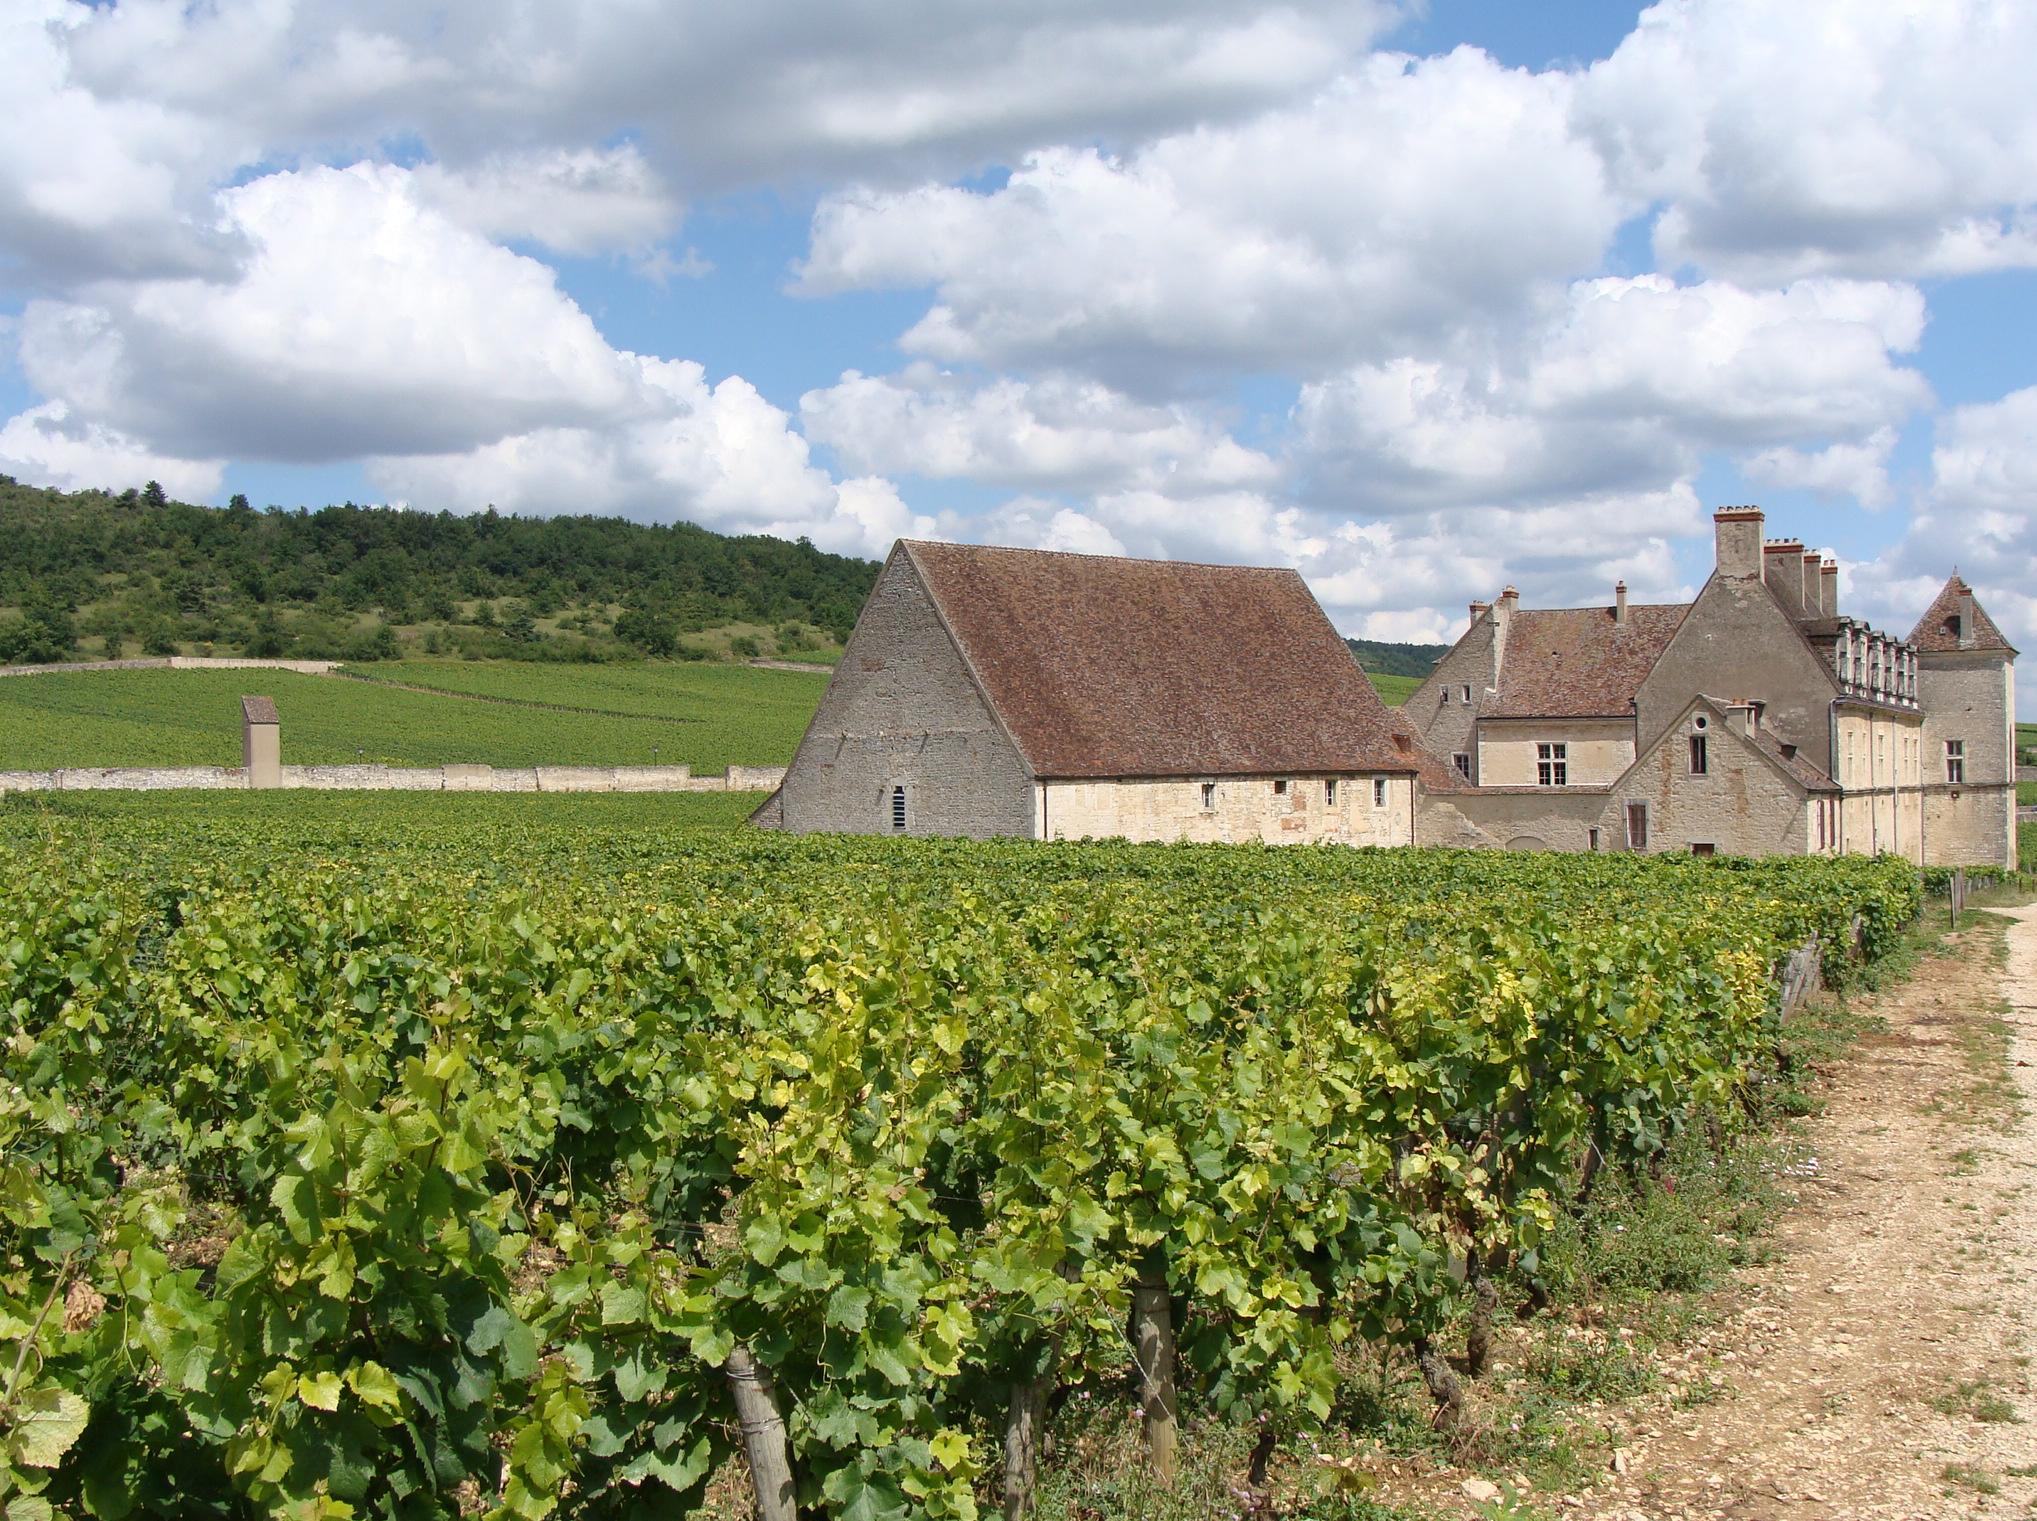 Viñedos en Borgoña, Francia.